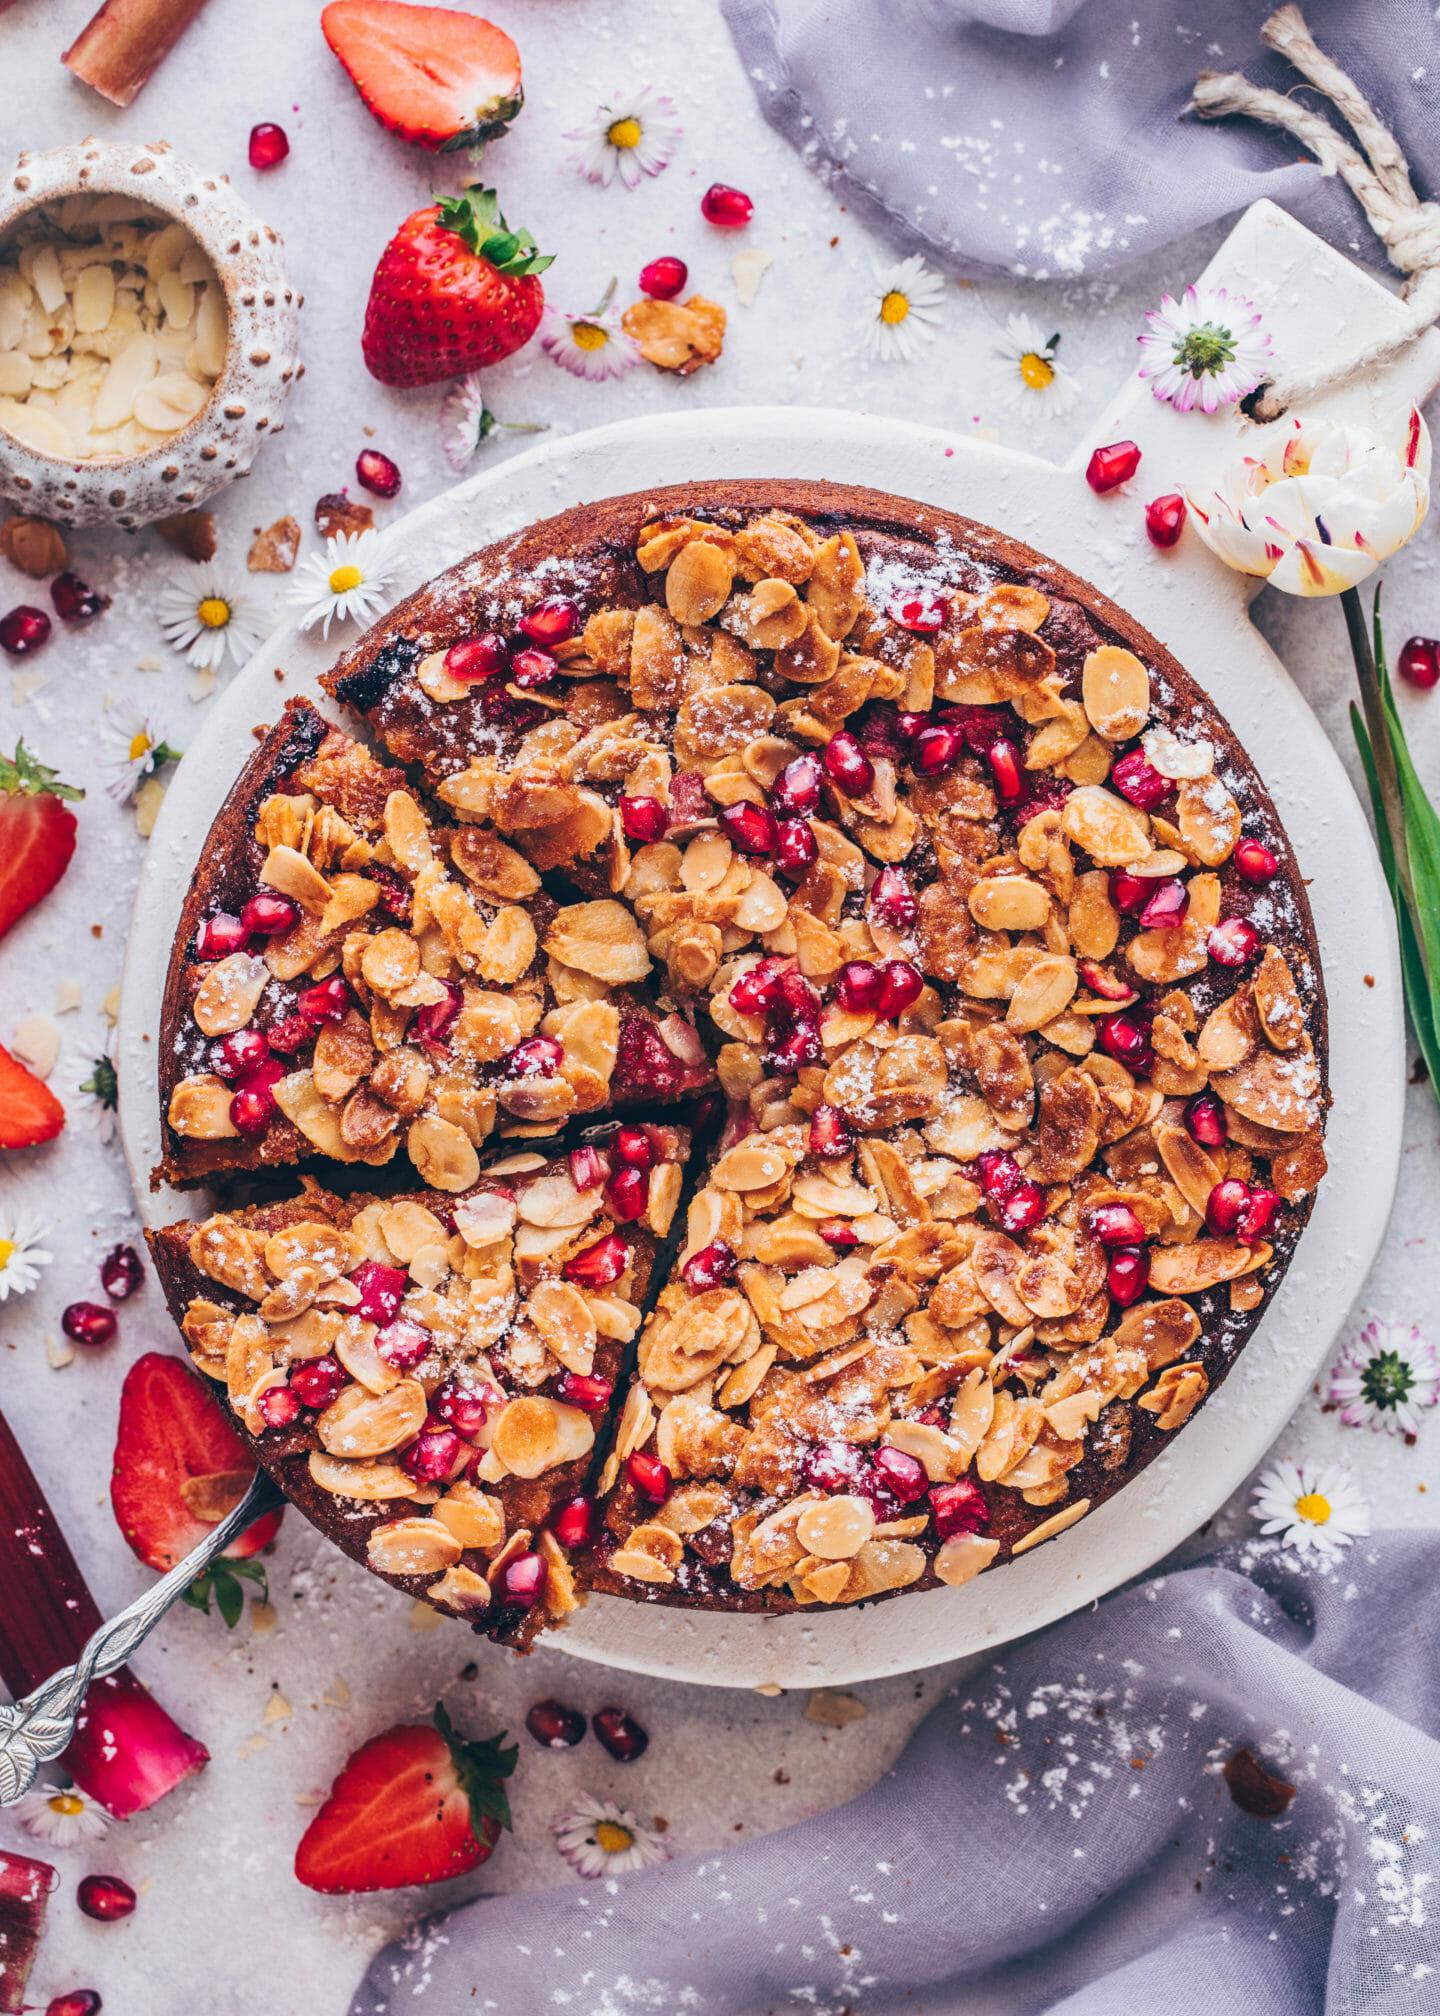 Strawberry Rhubarb Cake with Almonds